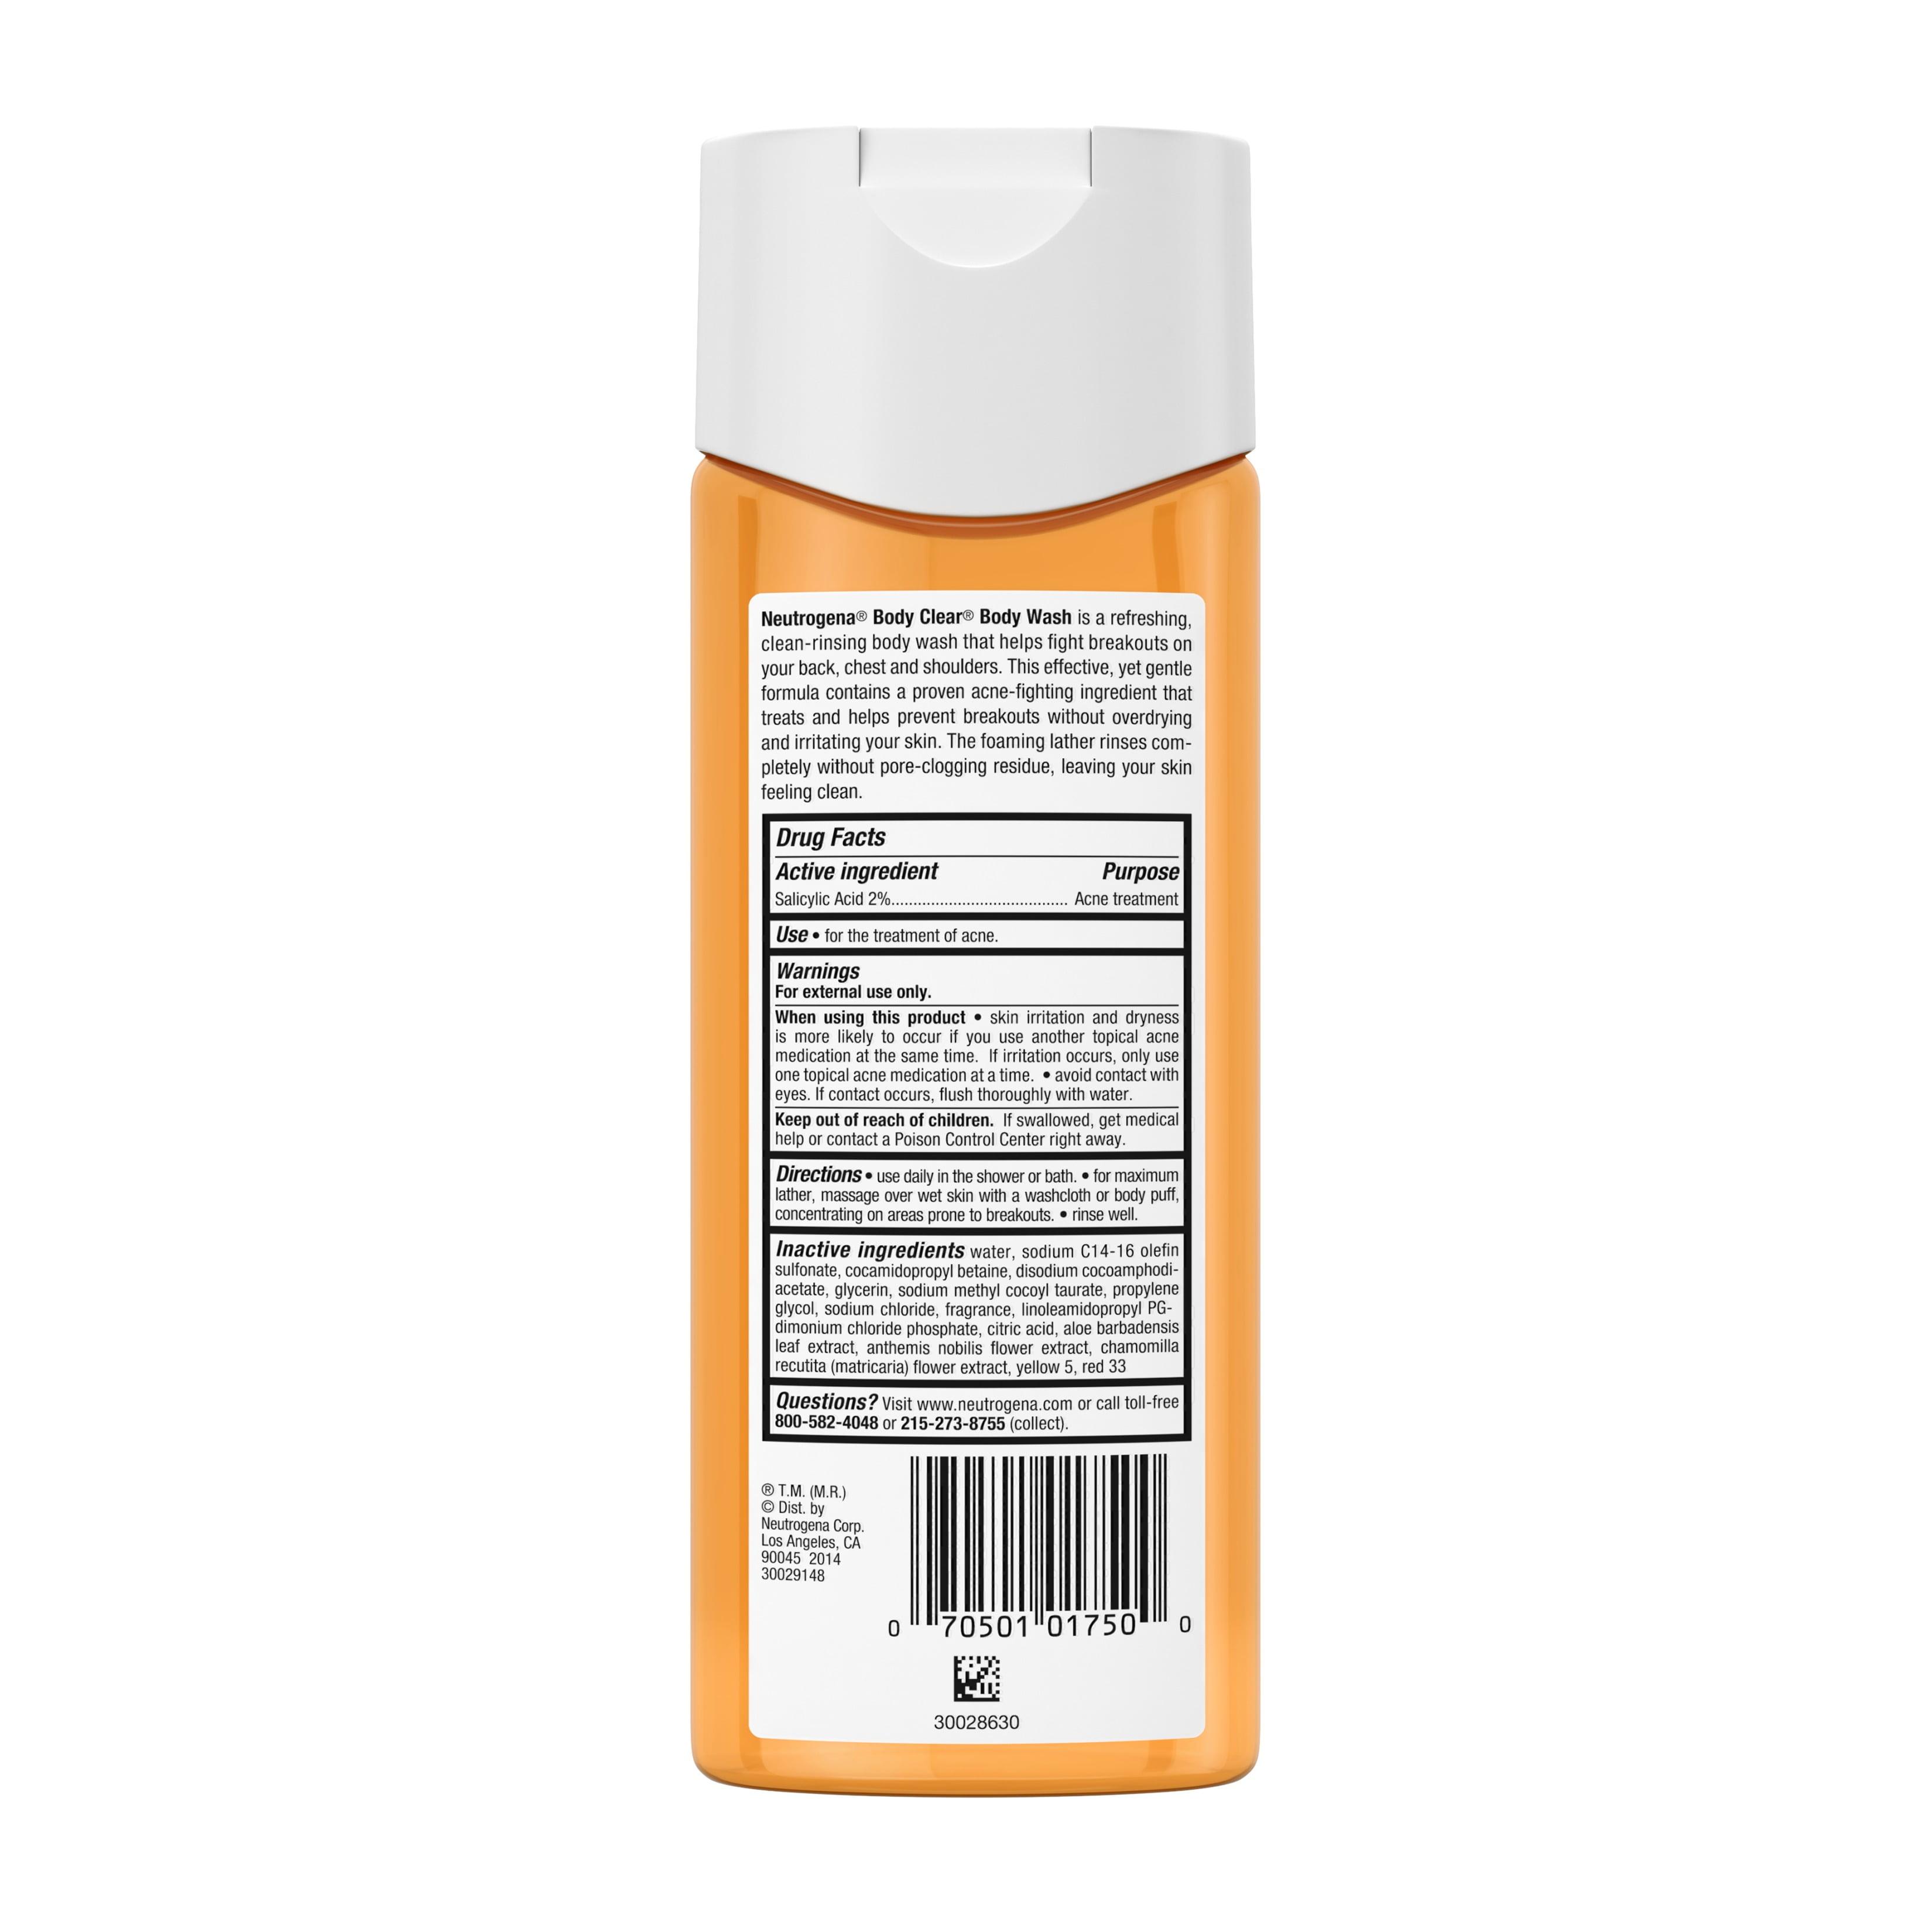 Neutrogena Body Clear Acne Body Wash With Glycerin 8 5 Fl Oz